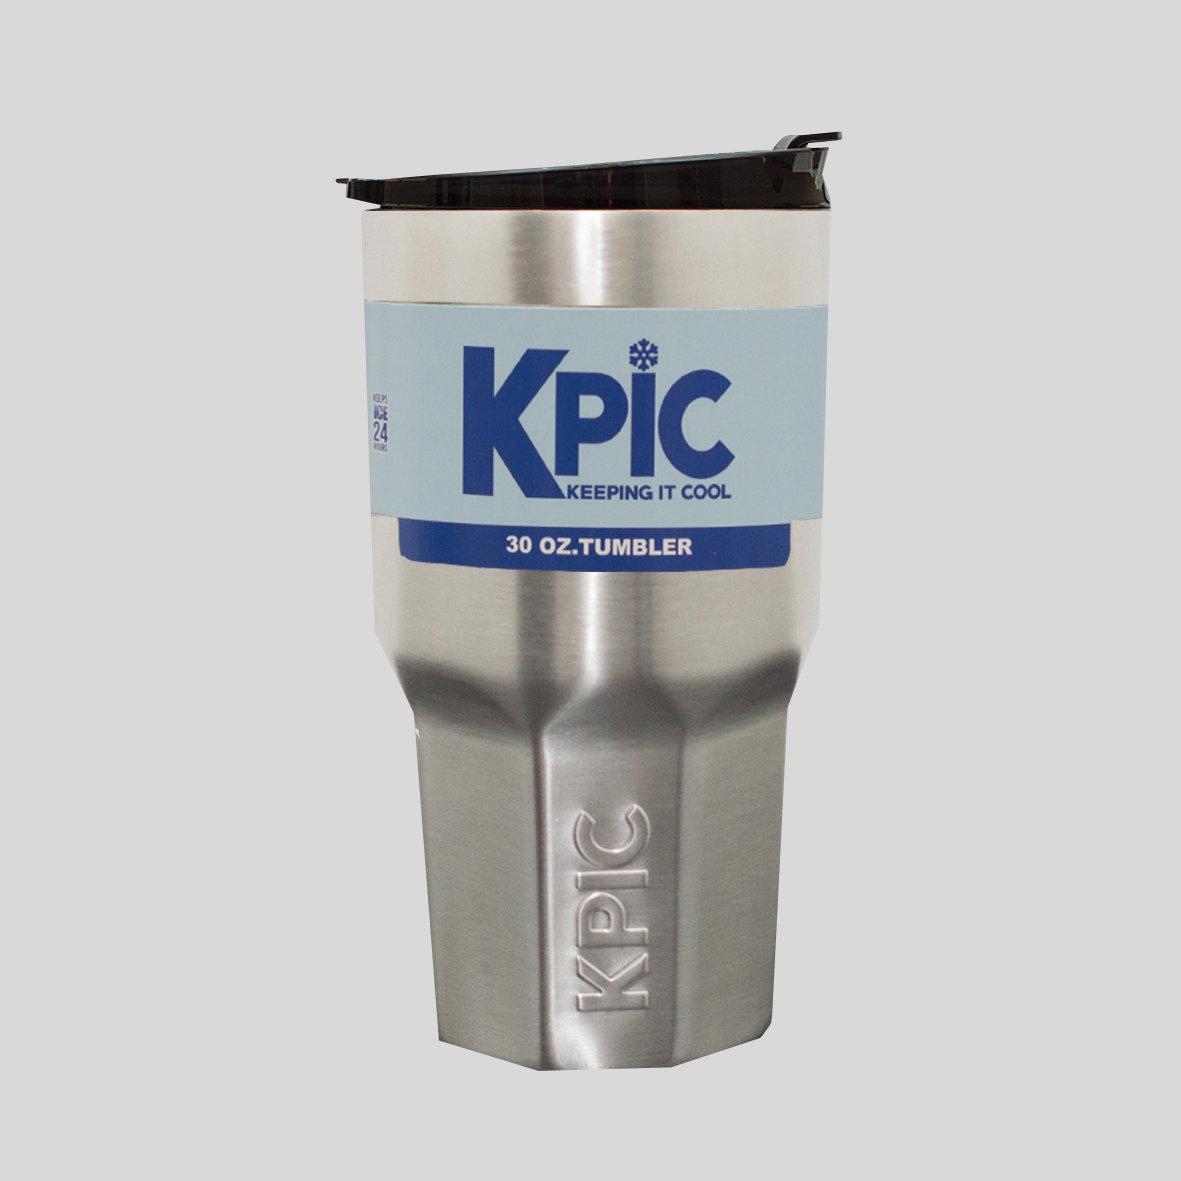 KPIC 30 oz. Tumbler